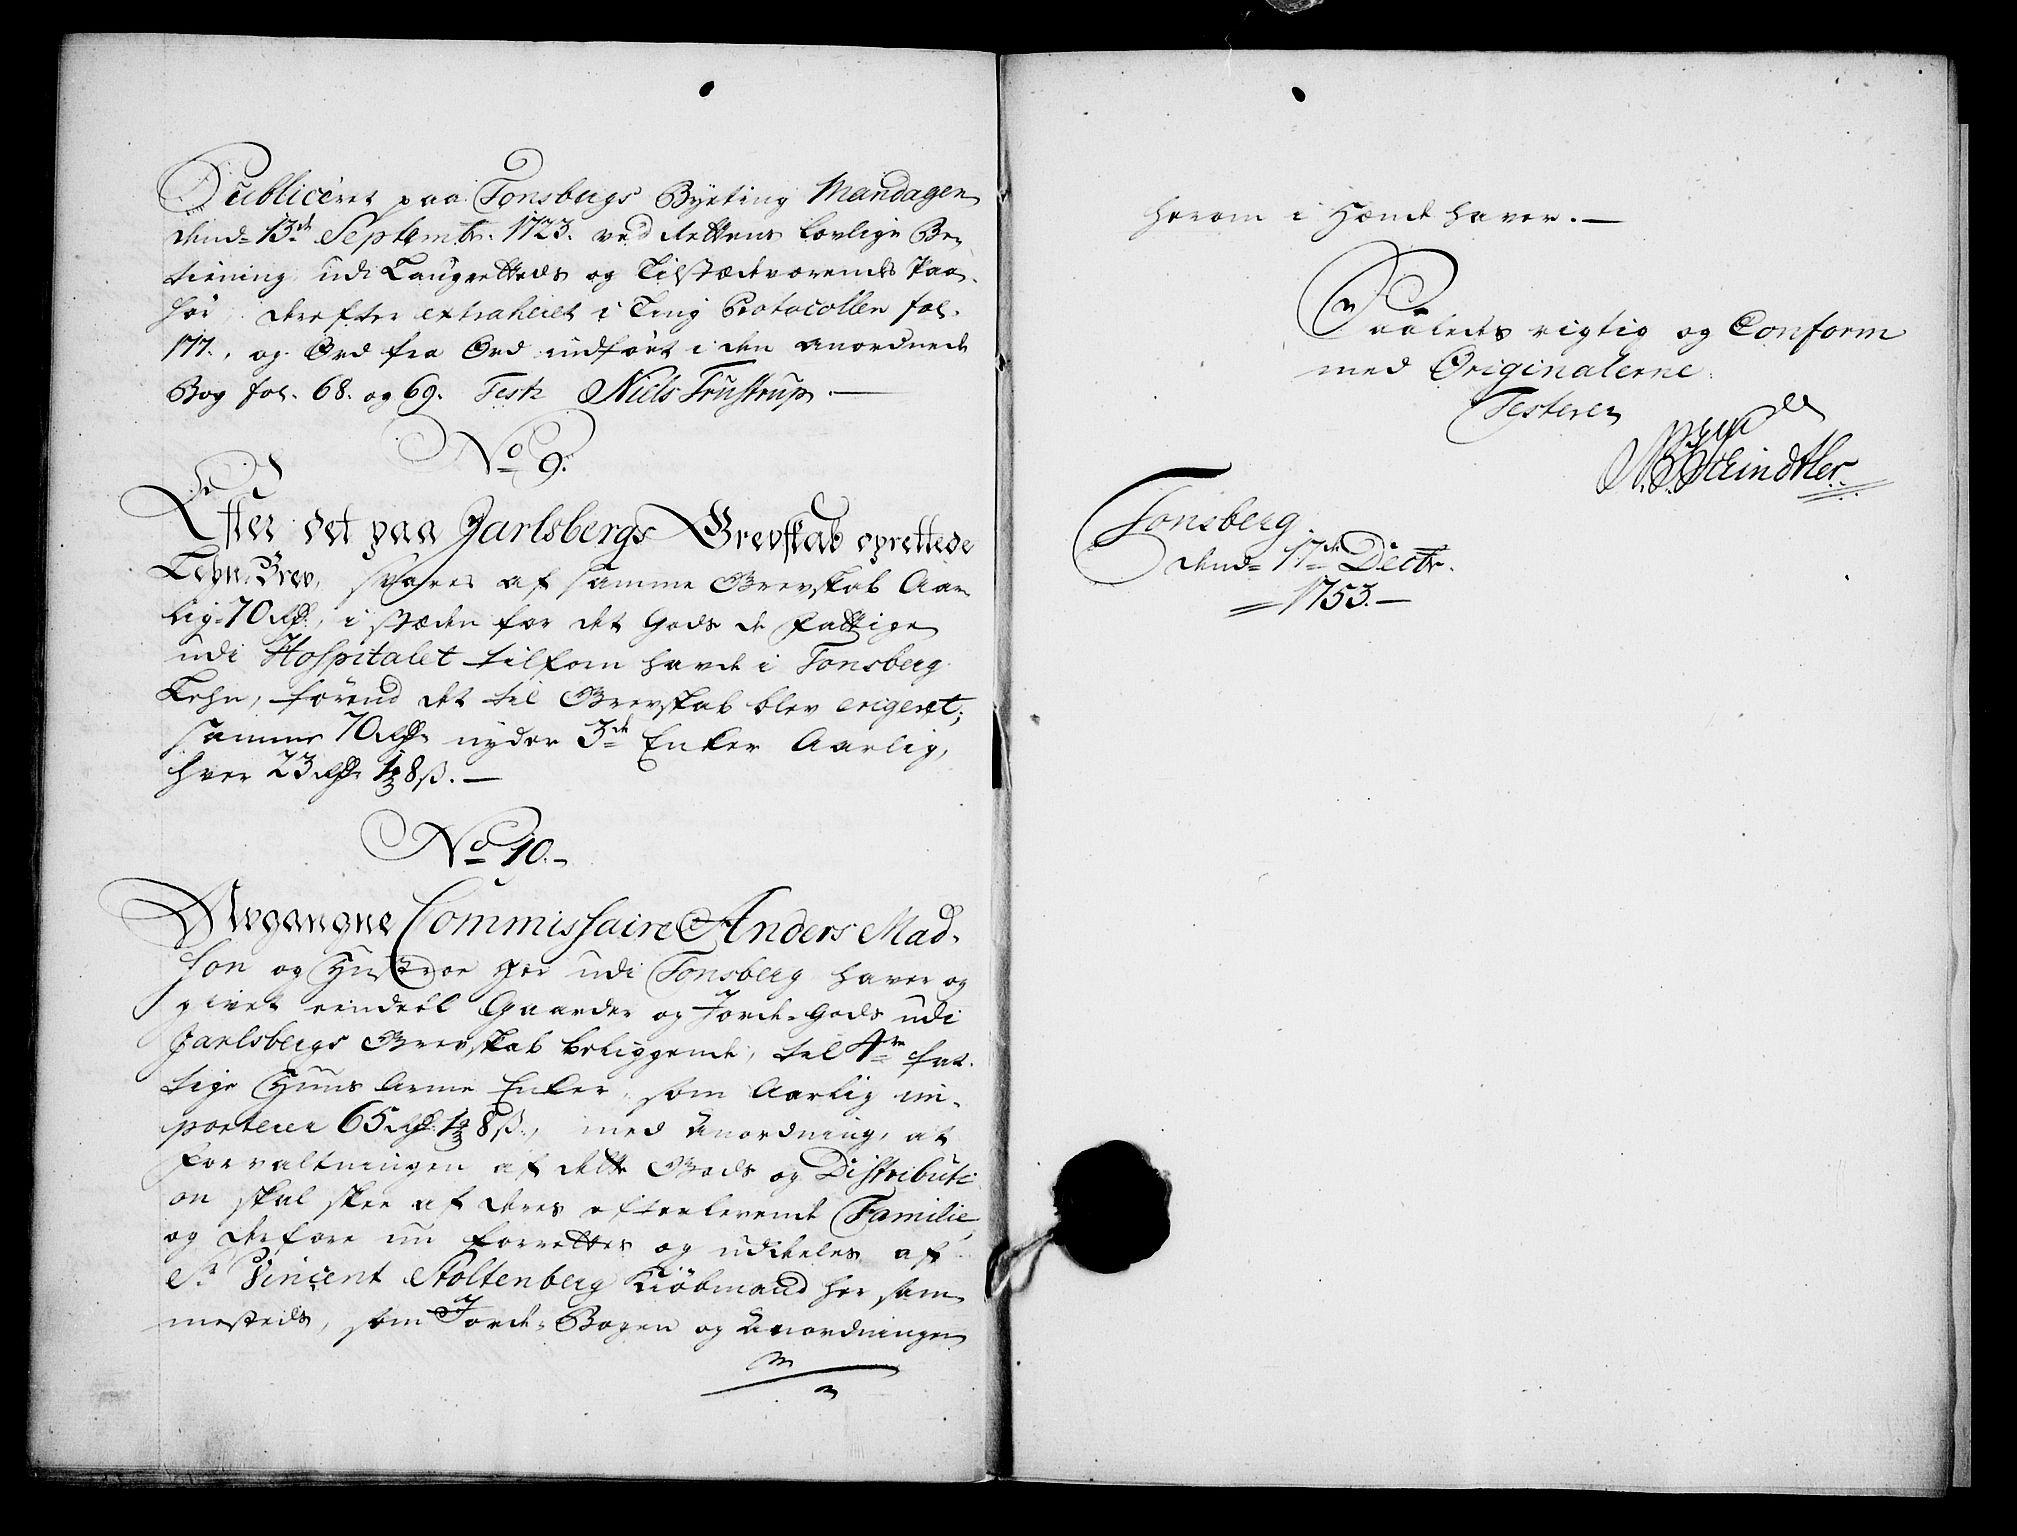 RA, Danske Kanselli, Skapsaker, G/L0019: Tillegg til skapsakene, 1616-1753, s. 375